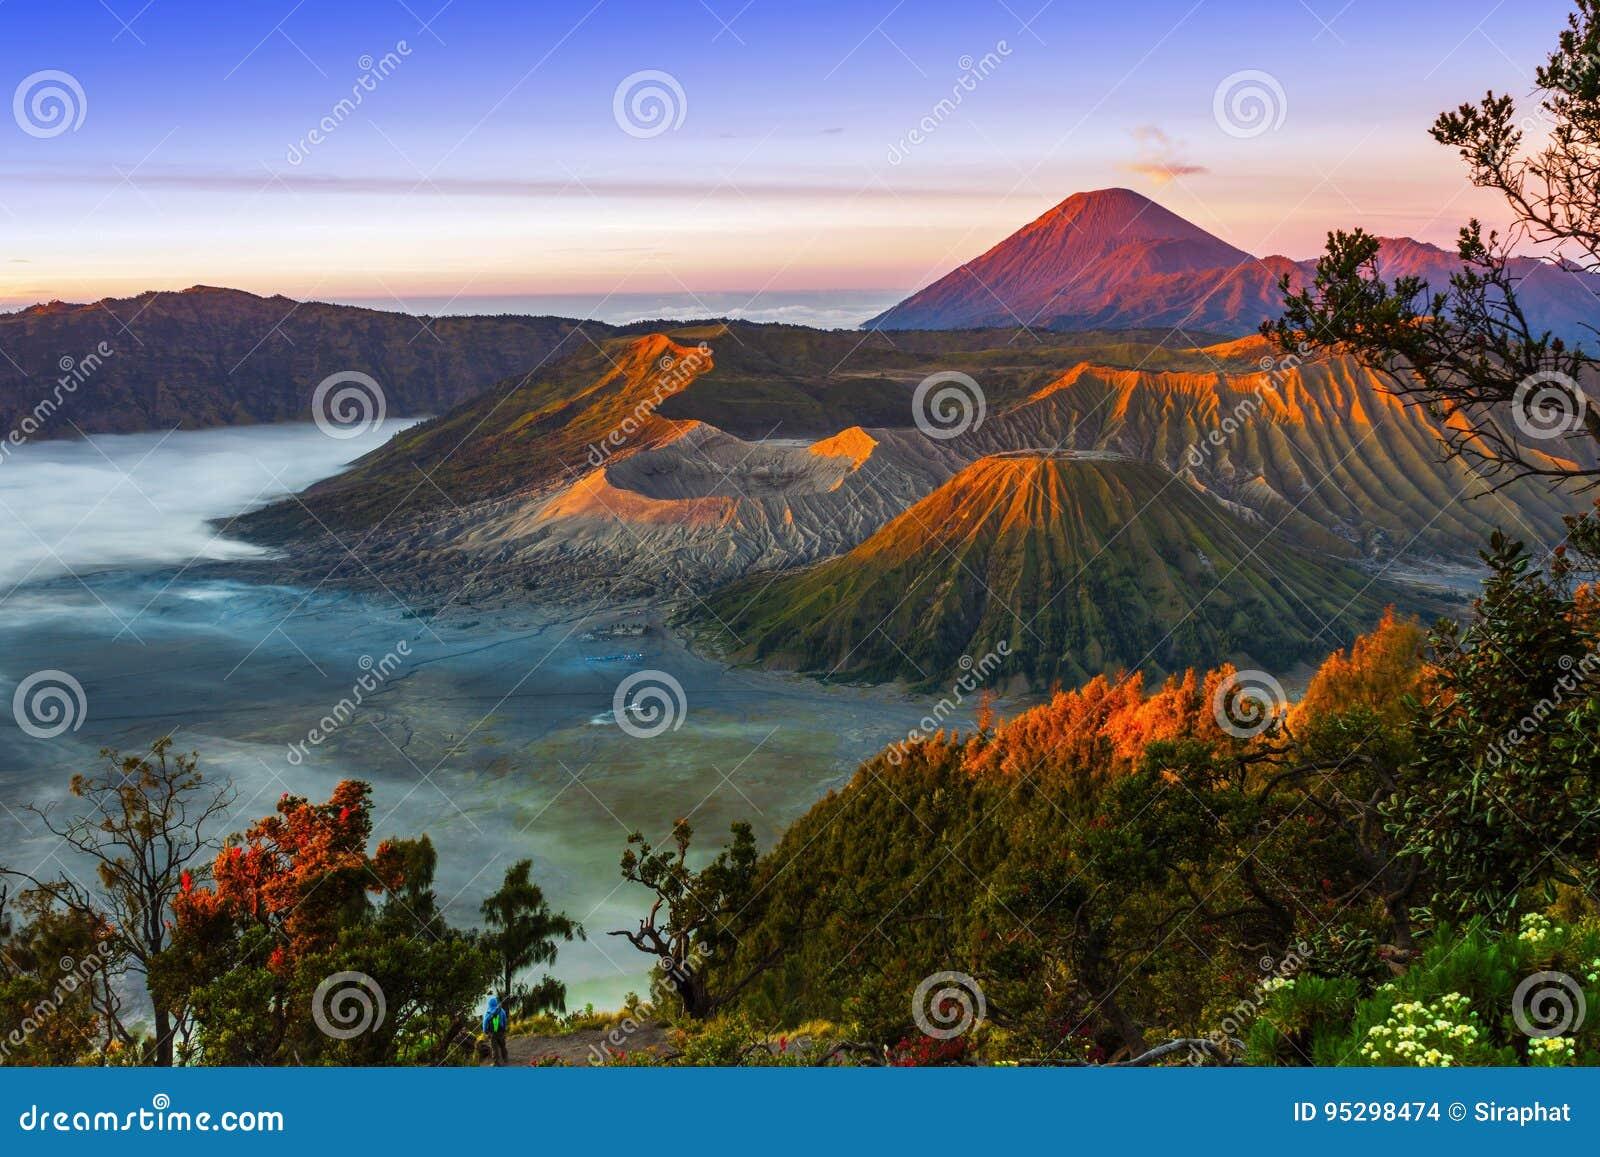 Vulcani nel parco nazionale di Bromo Tengger Semeru ad alba java